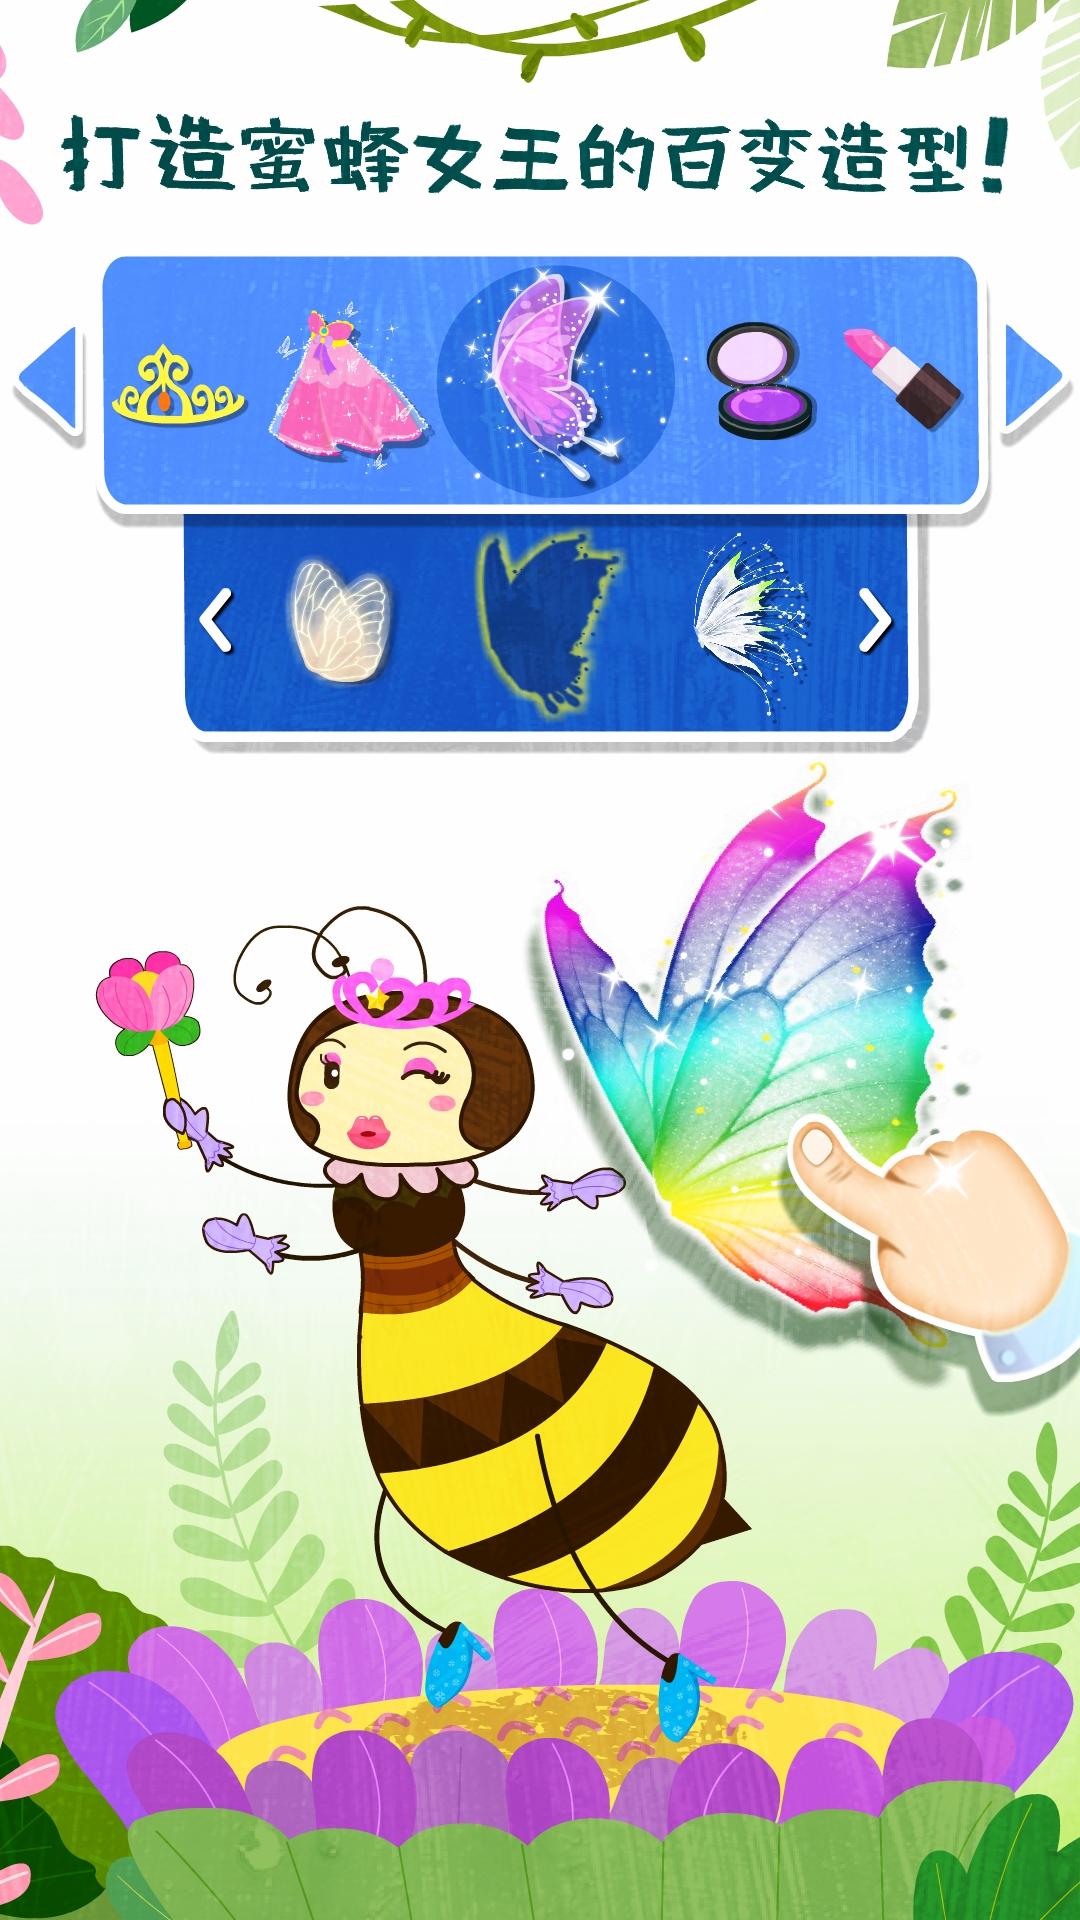 奇妙昆虫世界 V9.41.10.00 安卓版截图4